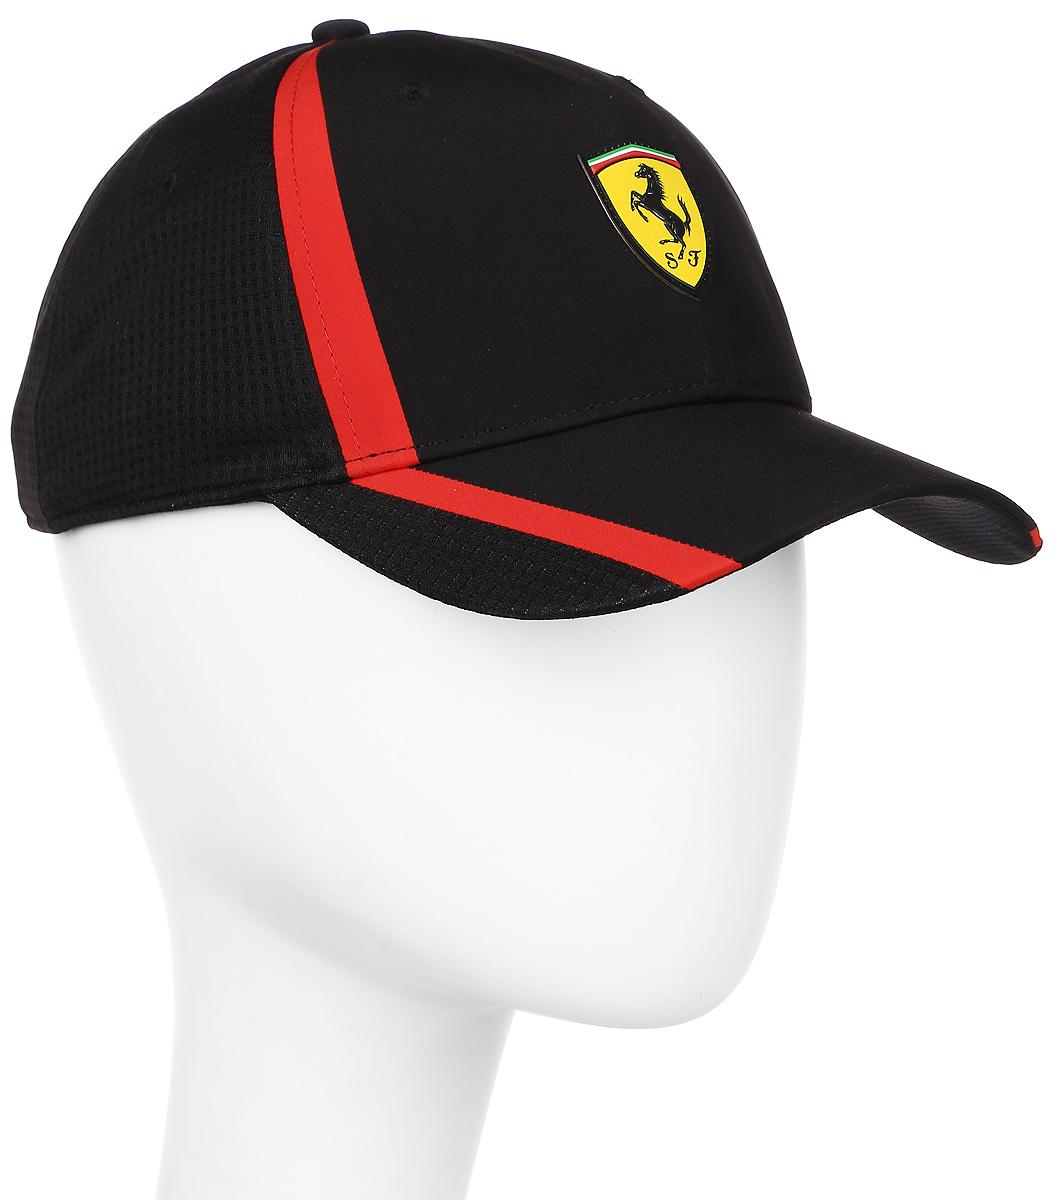 Бейсболка Puma Ferrari Fanwear redline cap, цвет: черный. 021202_02. Размер универсальный021202_02Бейсболка Ferrari Fanwear redline cap с двухслойным изогнутым козырьком отлично защитит от солнца и обеспечит максимальный комфорт благодаря микрофибре, способной пропускать воздух. Отрегулировать размер изделия можно с помощью тканевого ремешка на задней части изделия. Вентиляция обеспечивается специальными вышитыми люверсами на всей поверхности бейсболки и сетчатыми боковыми вставками. Влаговпитывающая тесьма с сетчатой вставкой обеспечивает больший комфорт. На внутренней части козырька также имеется сетчатая вставка. Бейсболка декорирована гербом Ferrari спереди и логотипом Puma сзади.